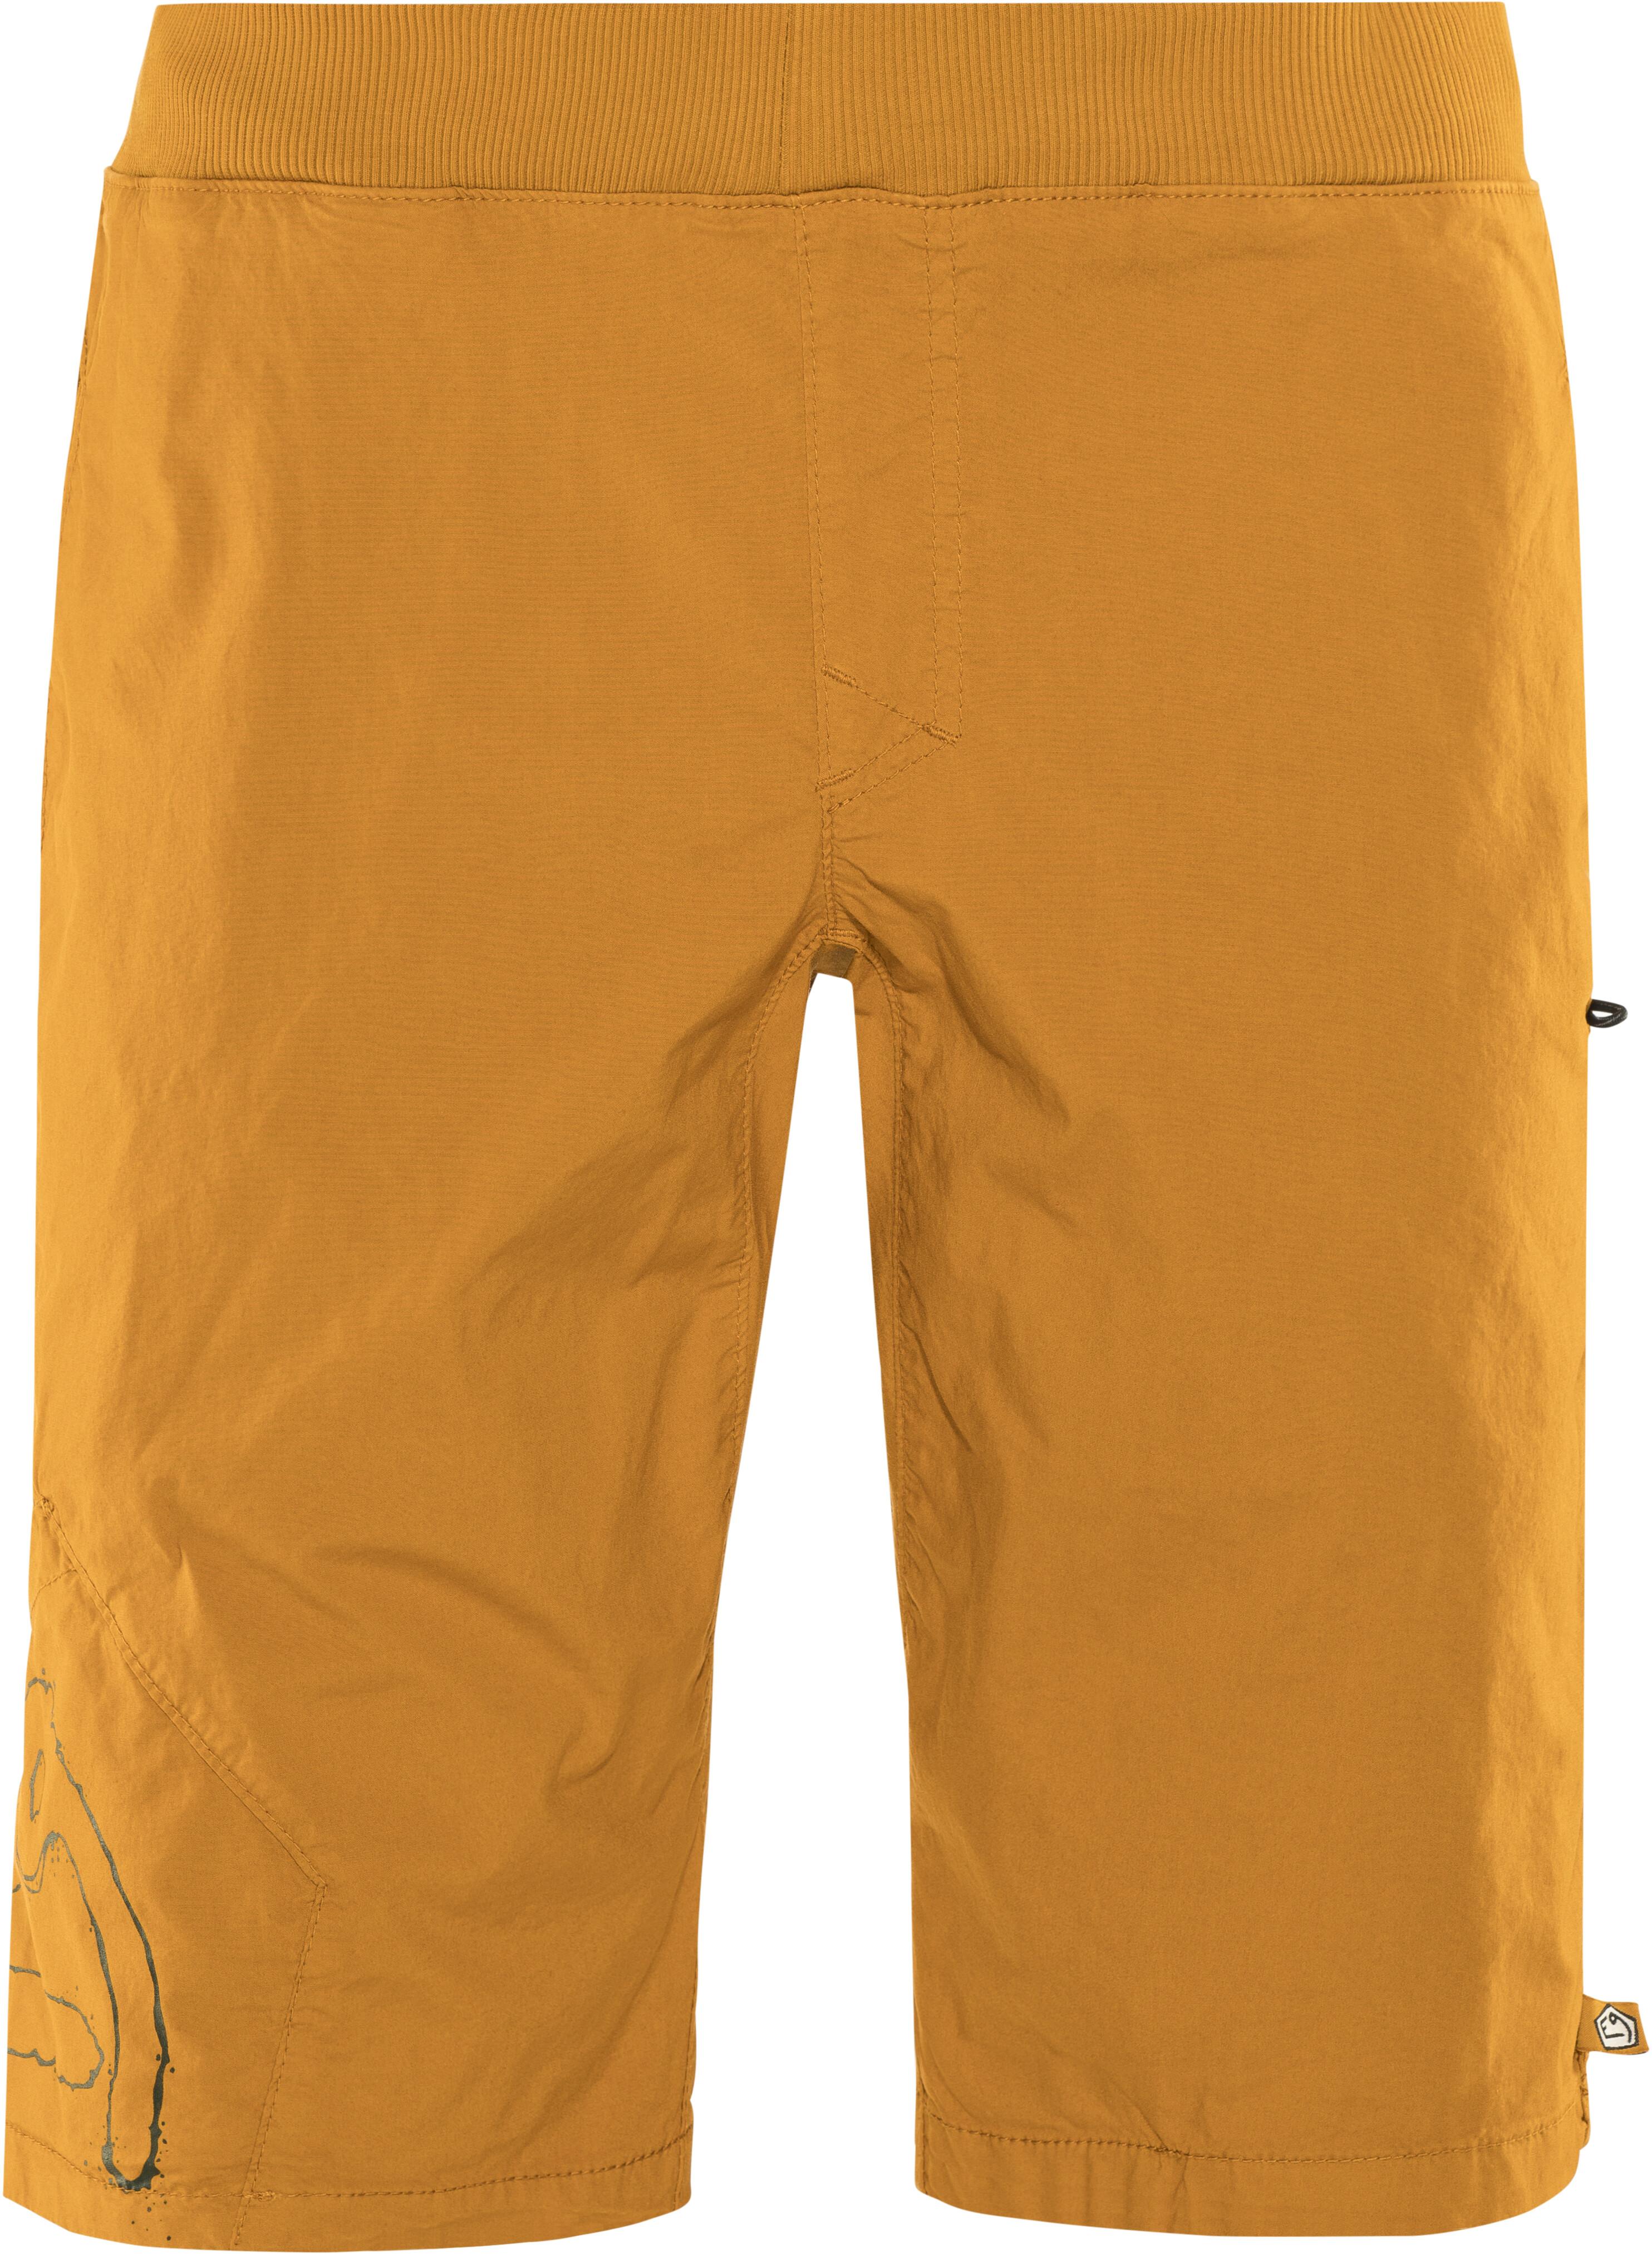 d0f221633f15 E9 Pentagon - Shorts Homme - orange sur CAMPZ !